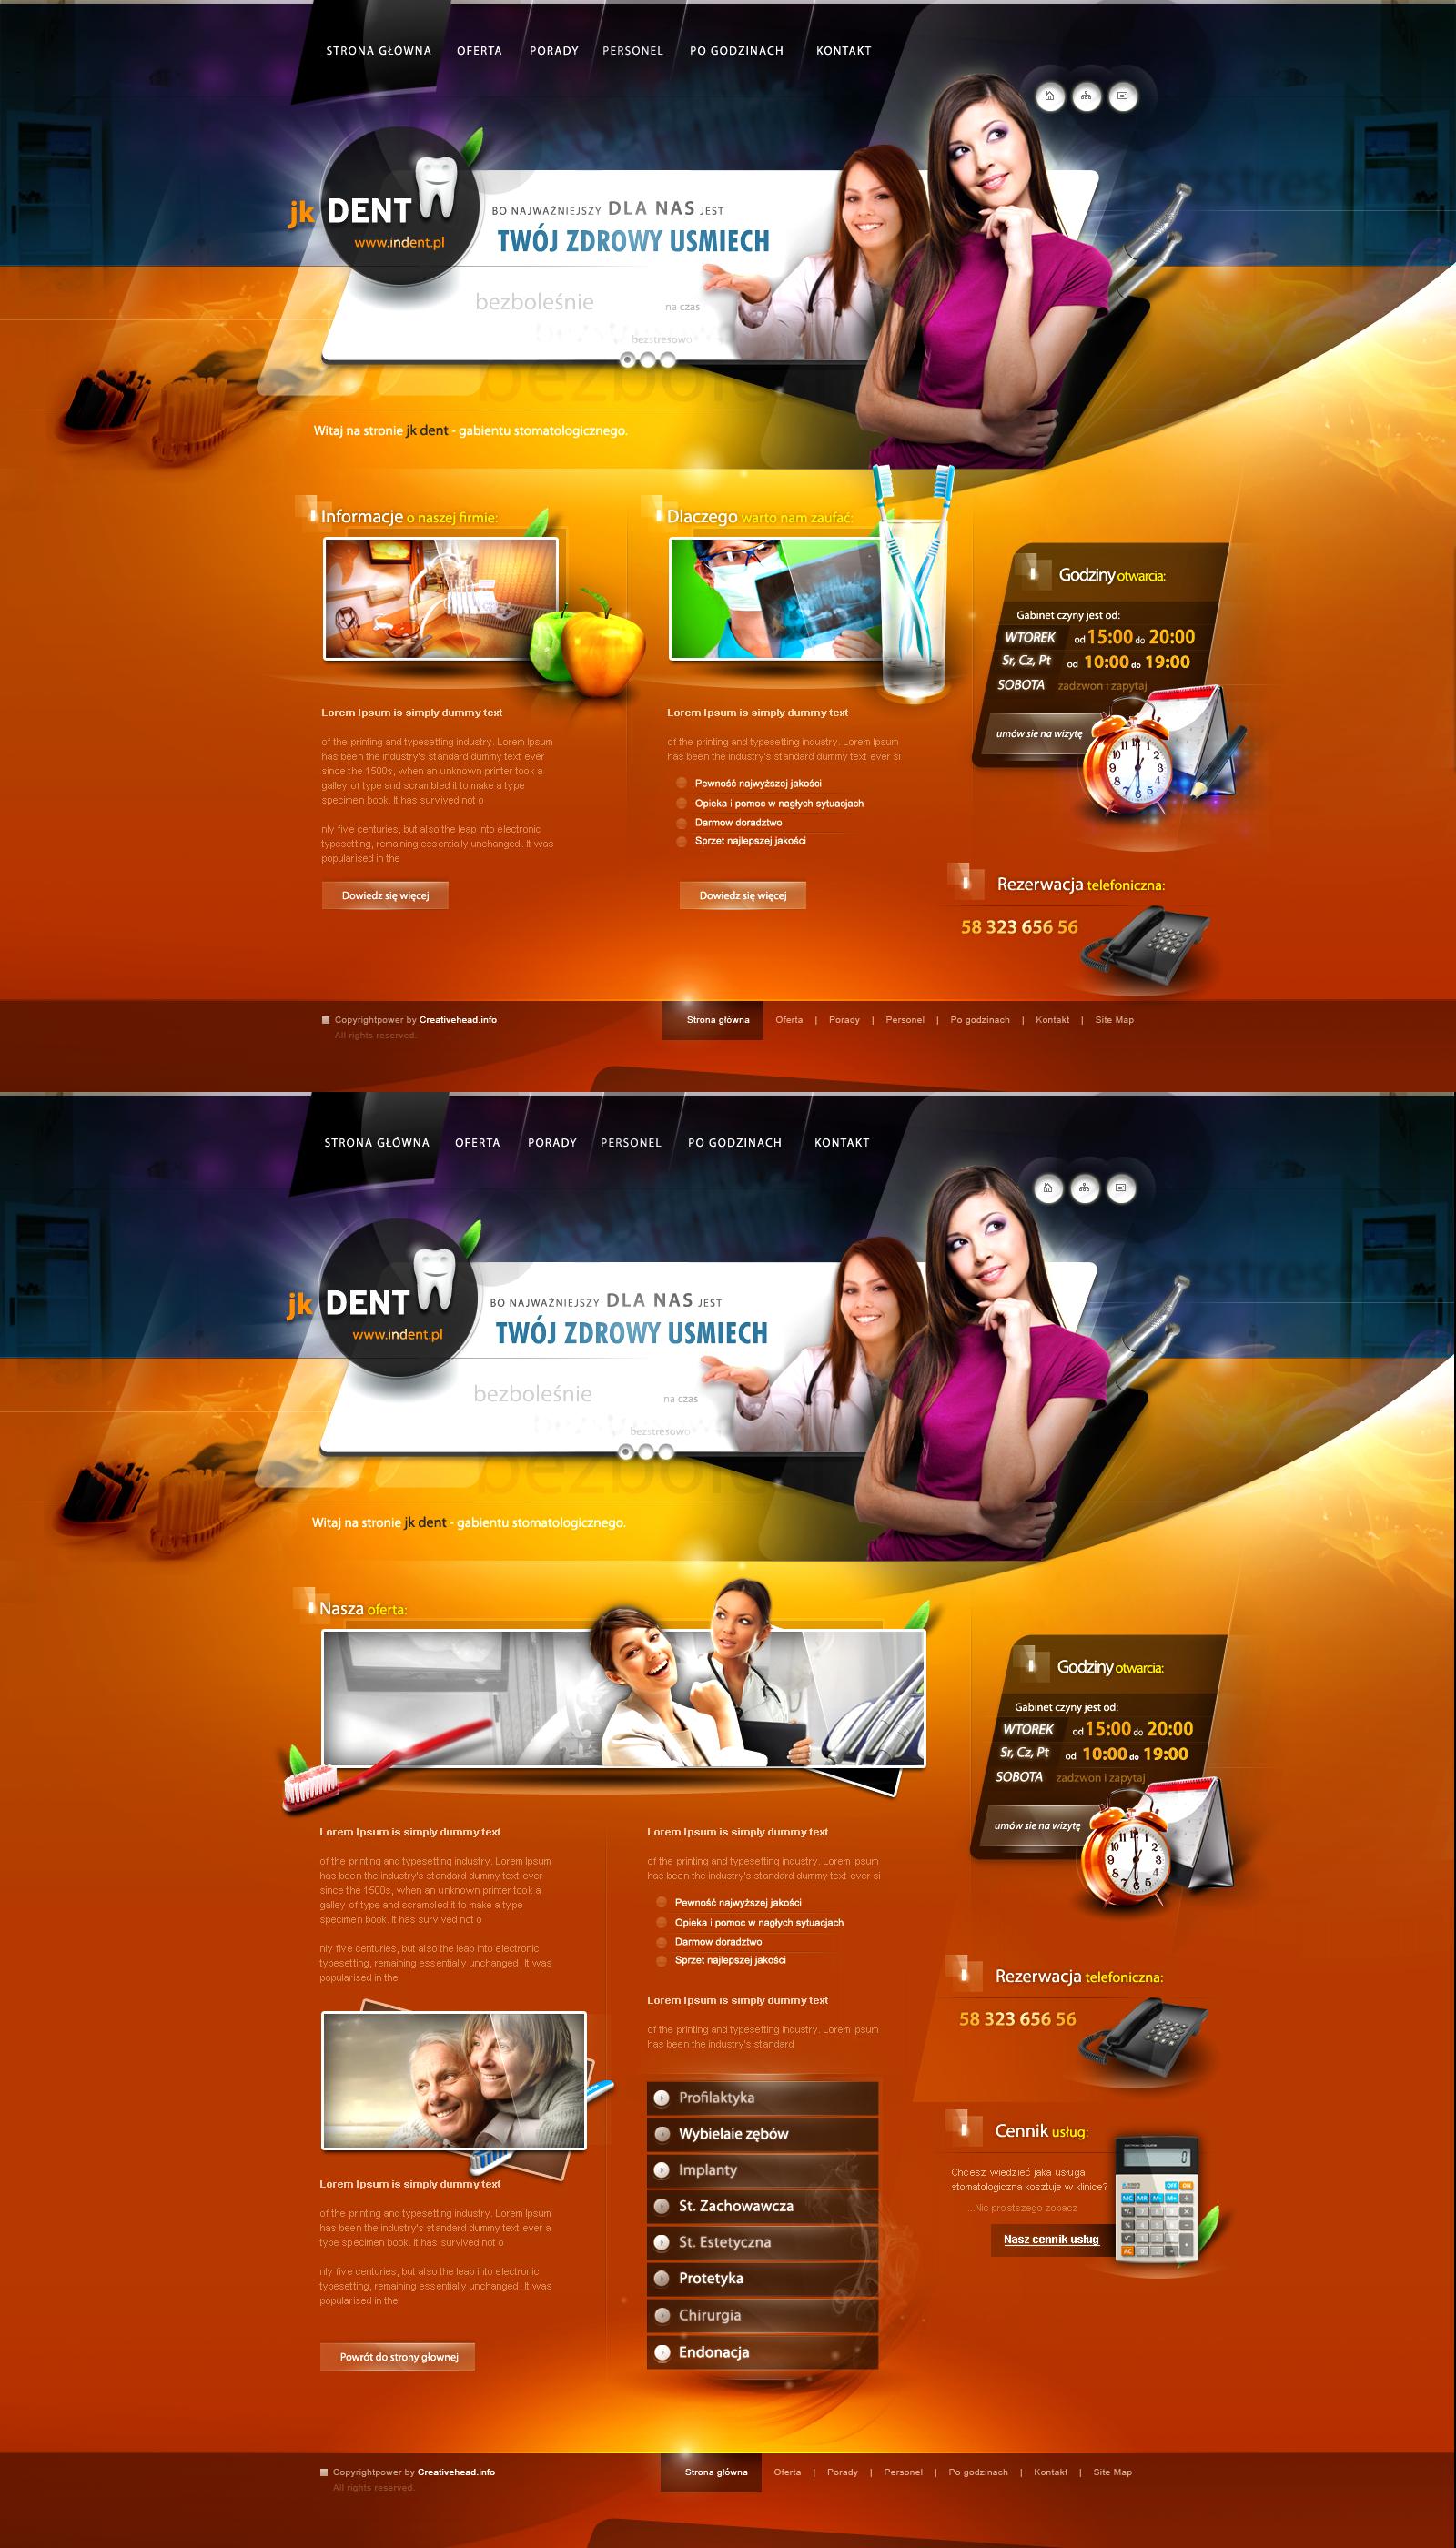 jk dent by webdesigner1921